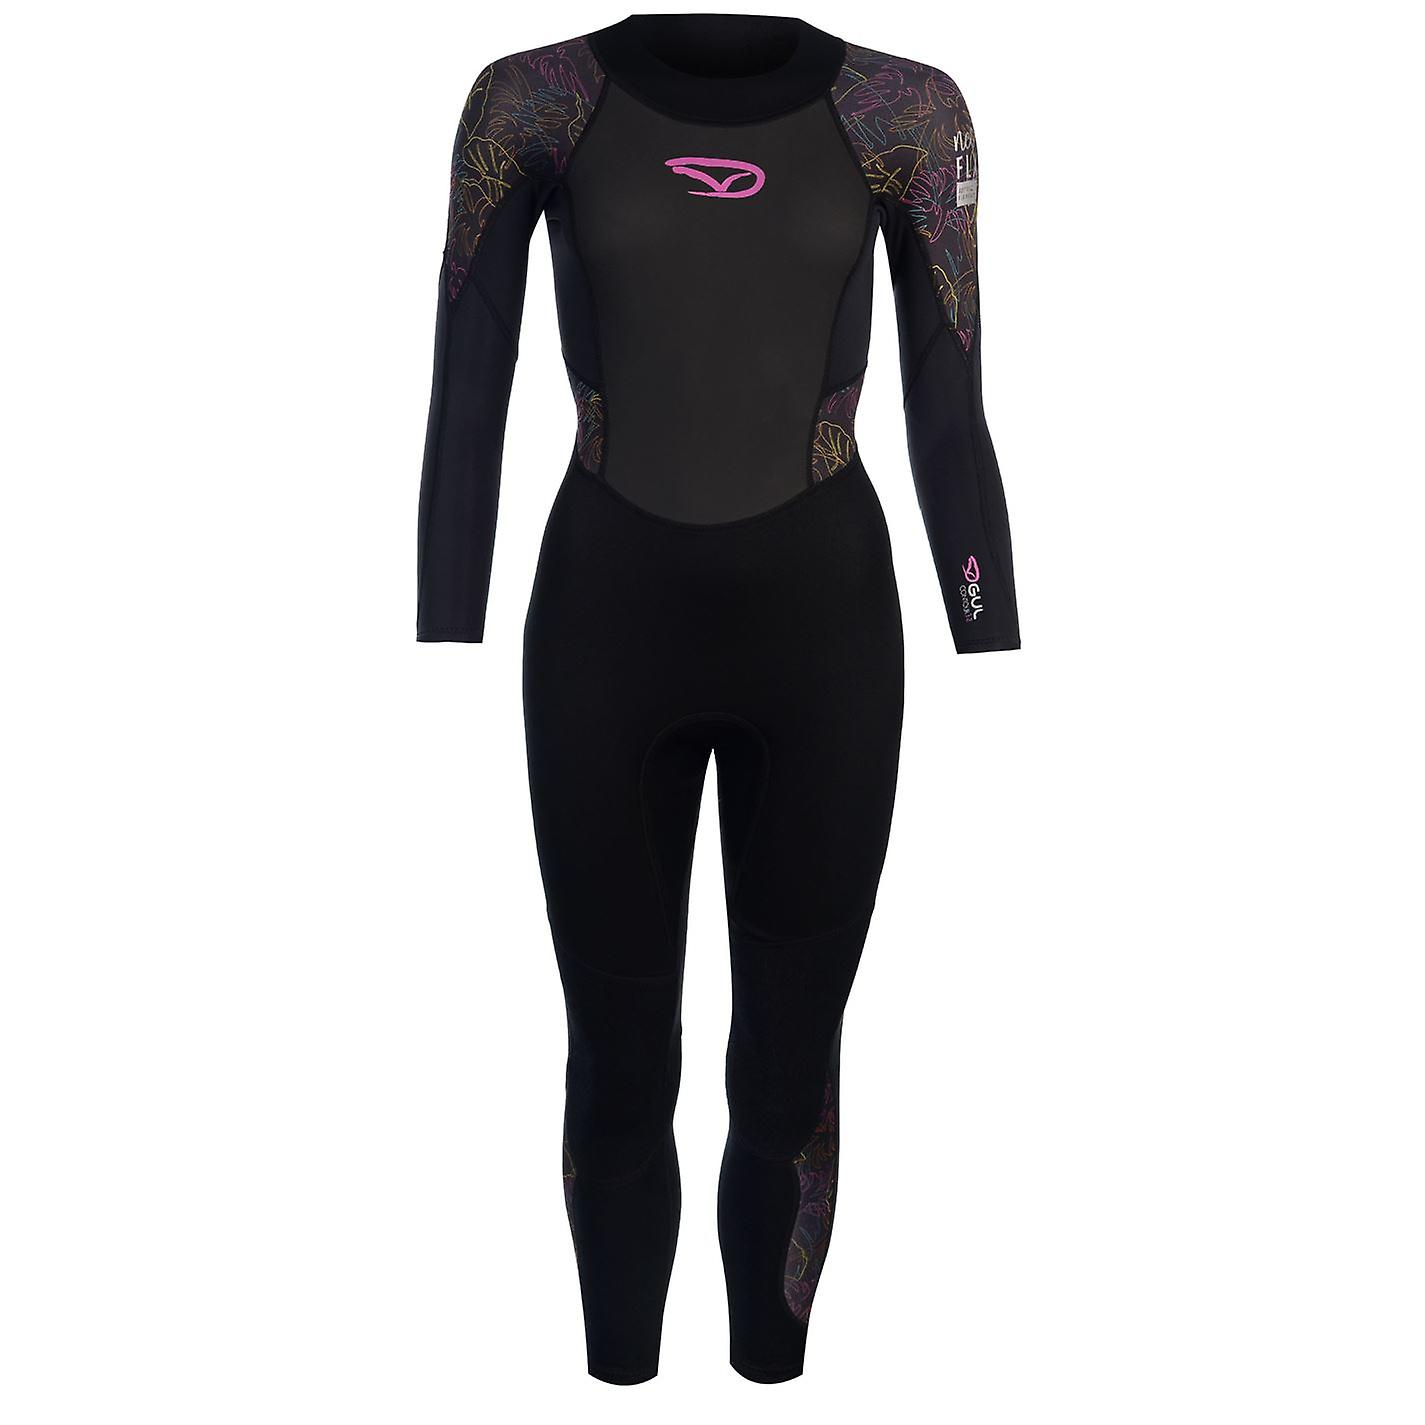 Gul femmes Core complet Wetsuit haute cou Zip maille rapide séchage sport Stretch